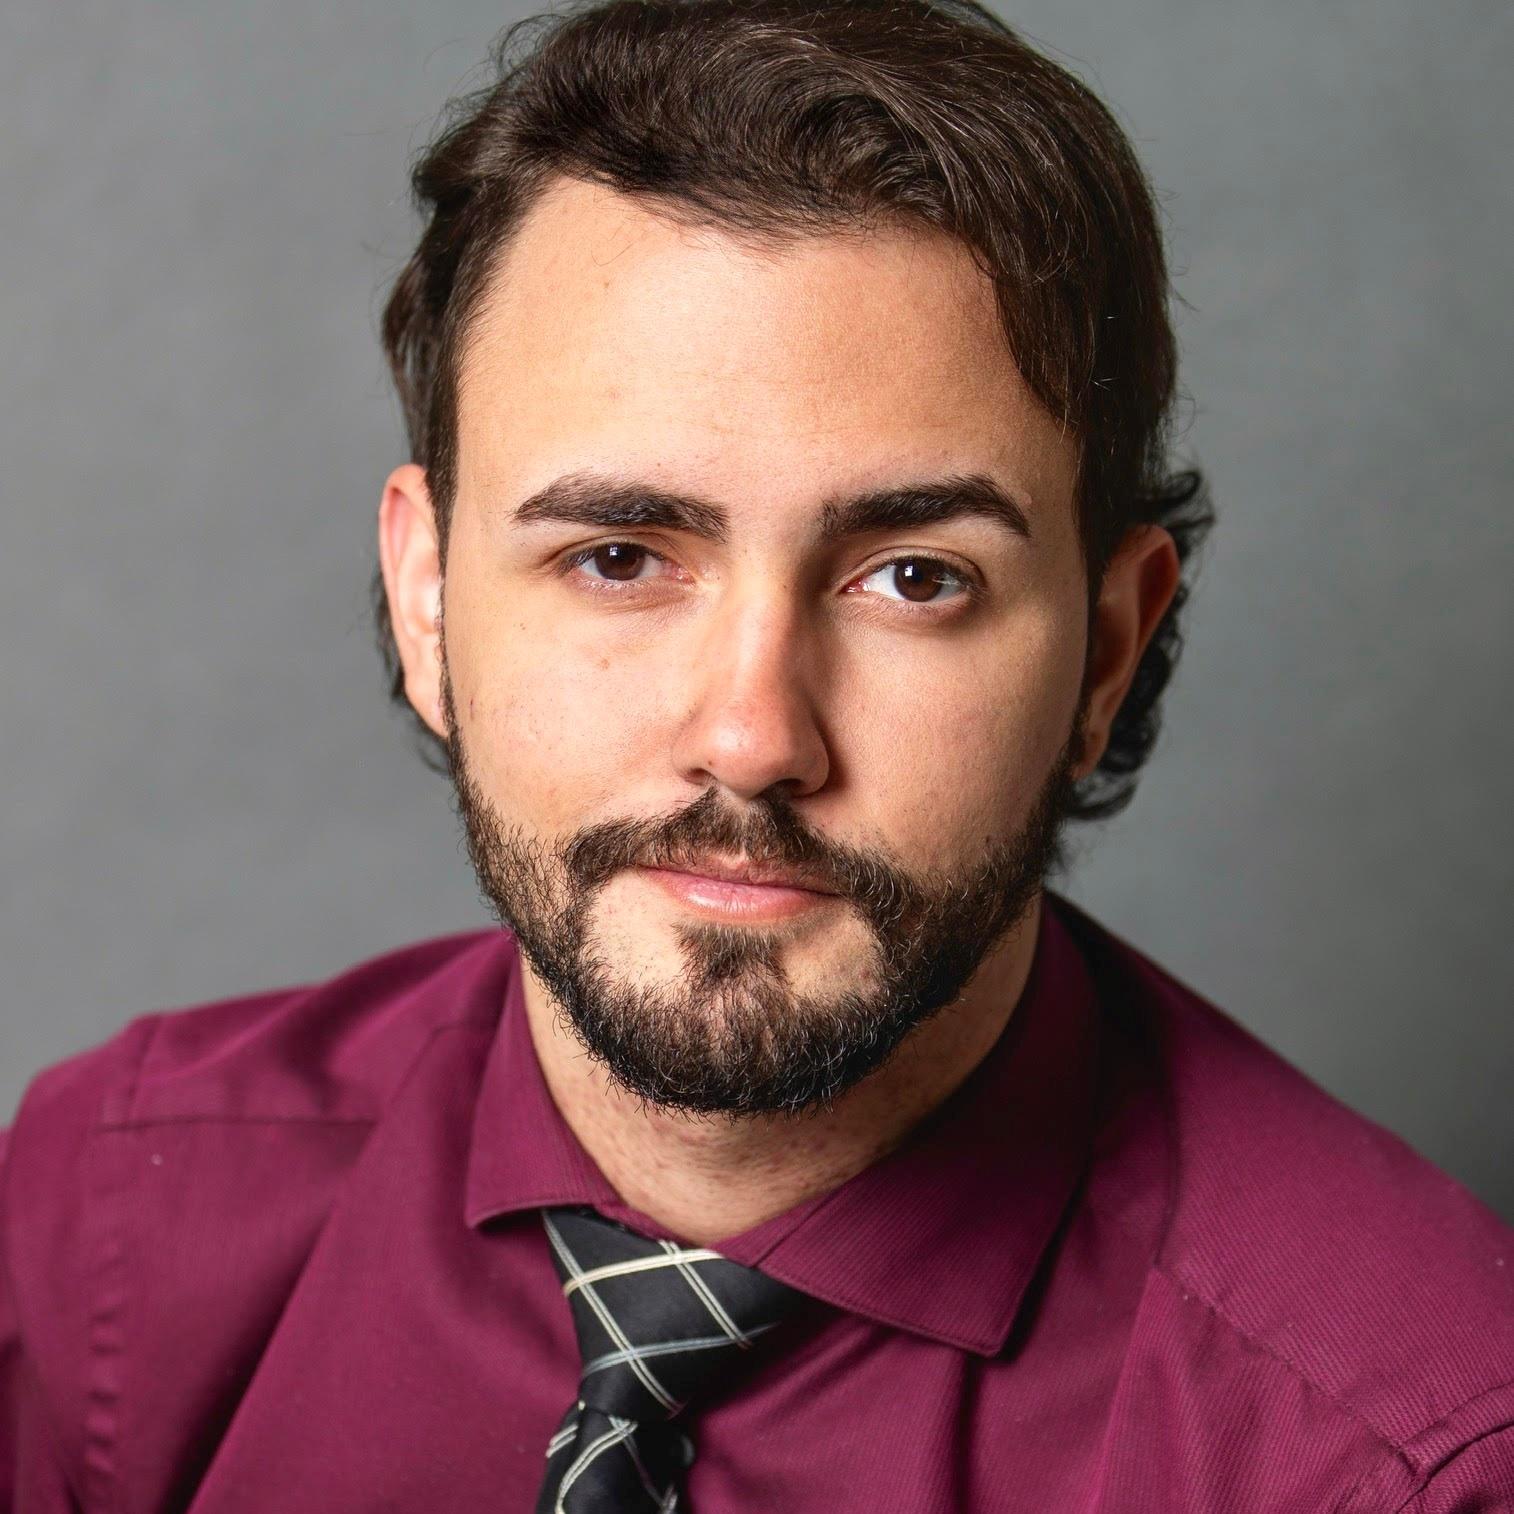 Jose Manuel Lopez - The Page